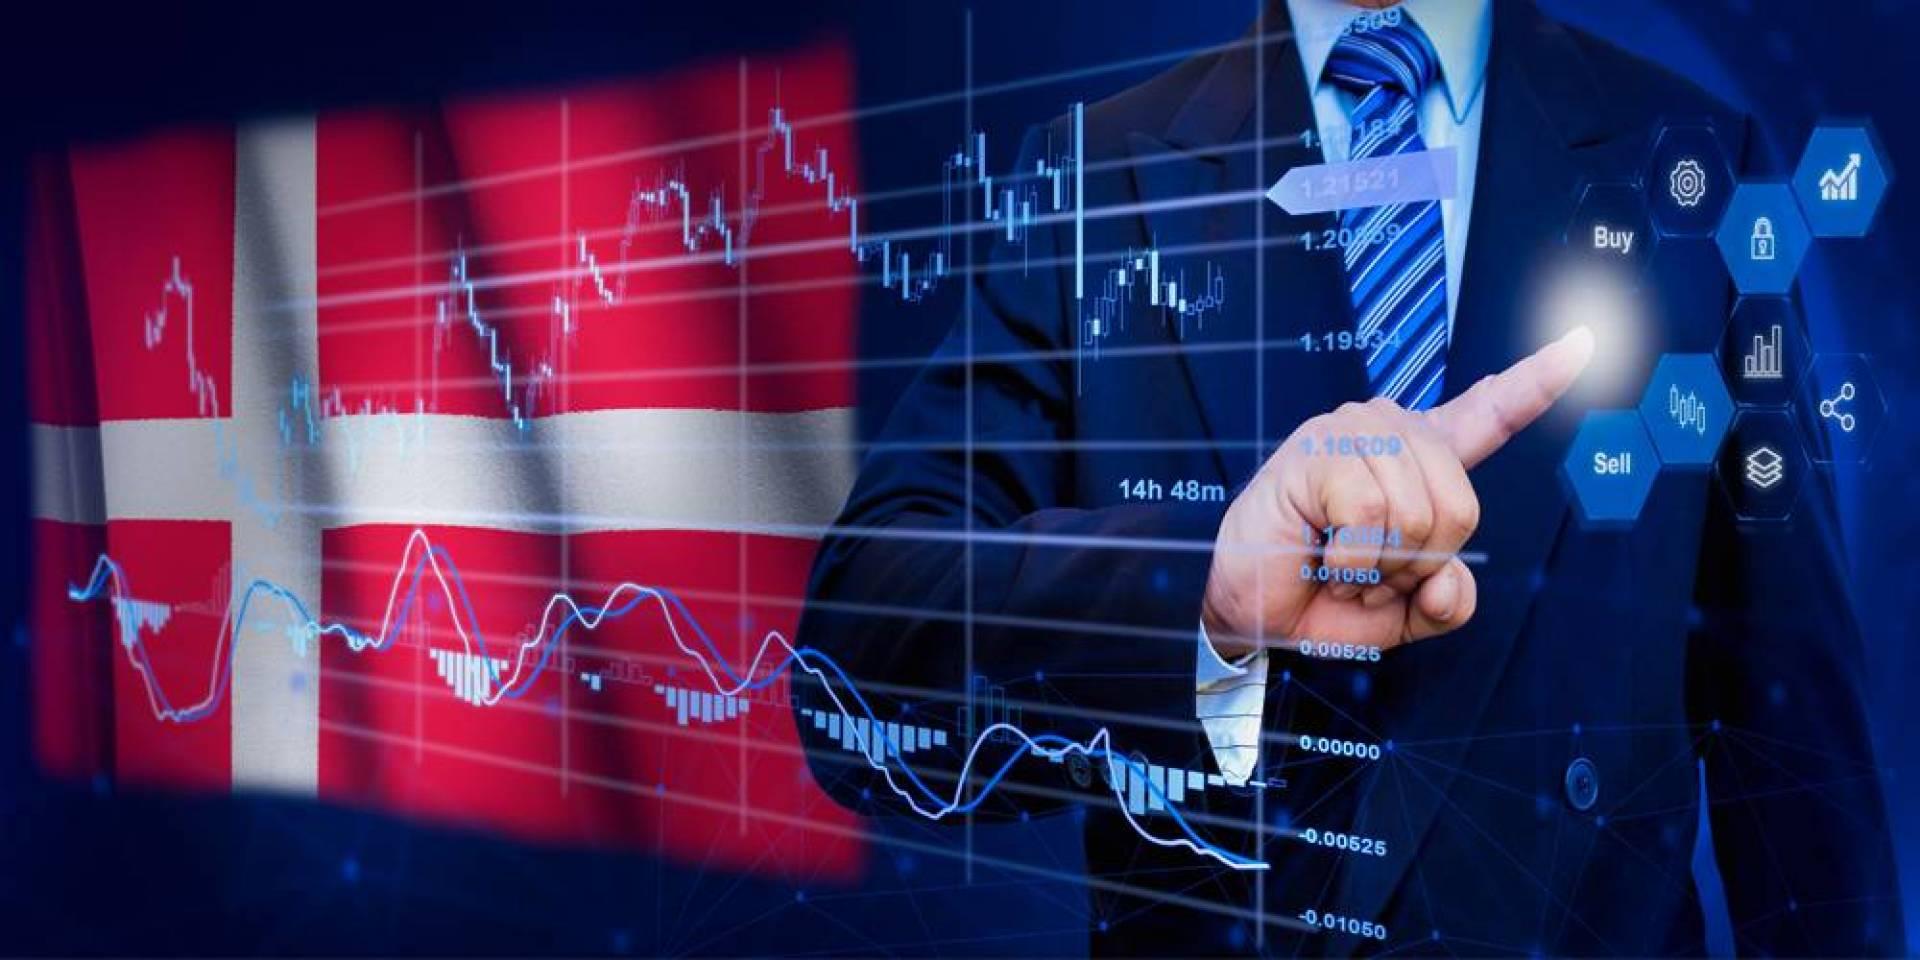 الدنمارك توسع مساعداتها المالية للشركات المتضررة من «كورونا»